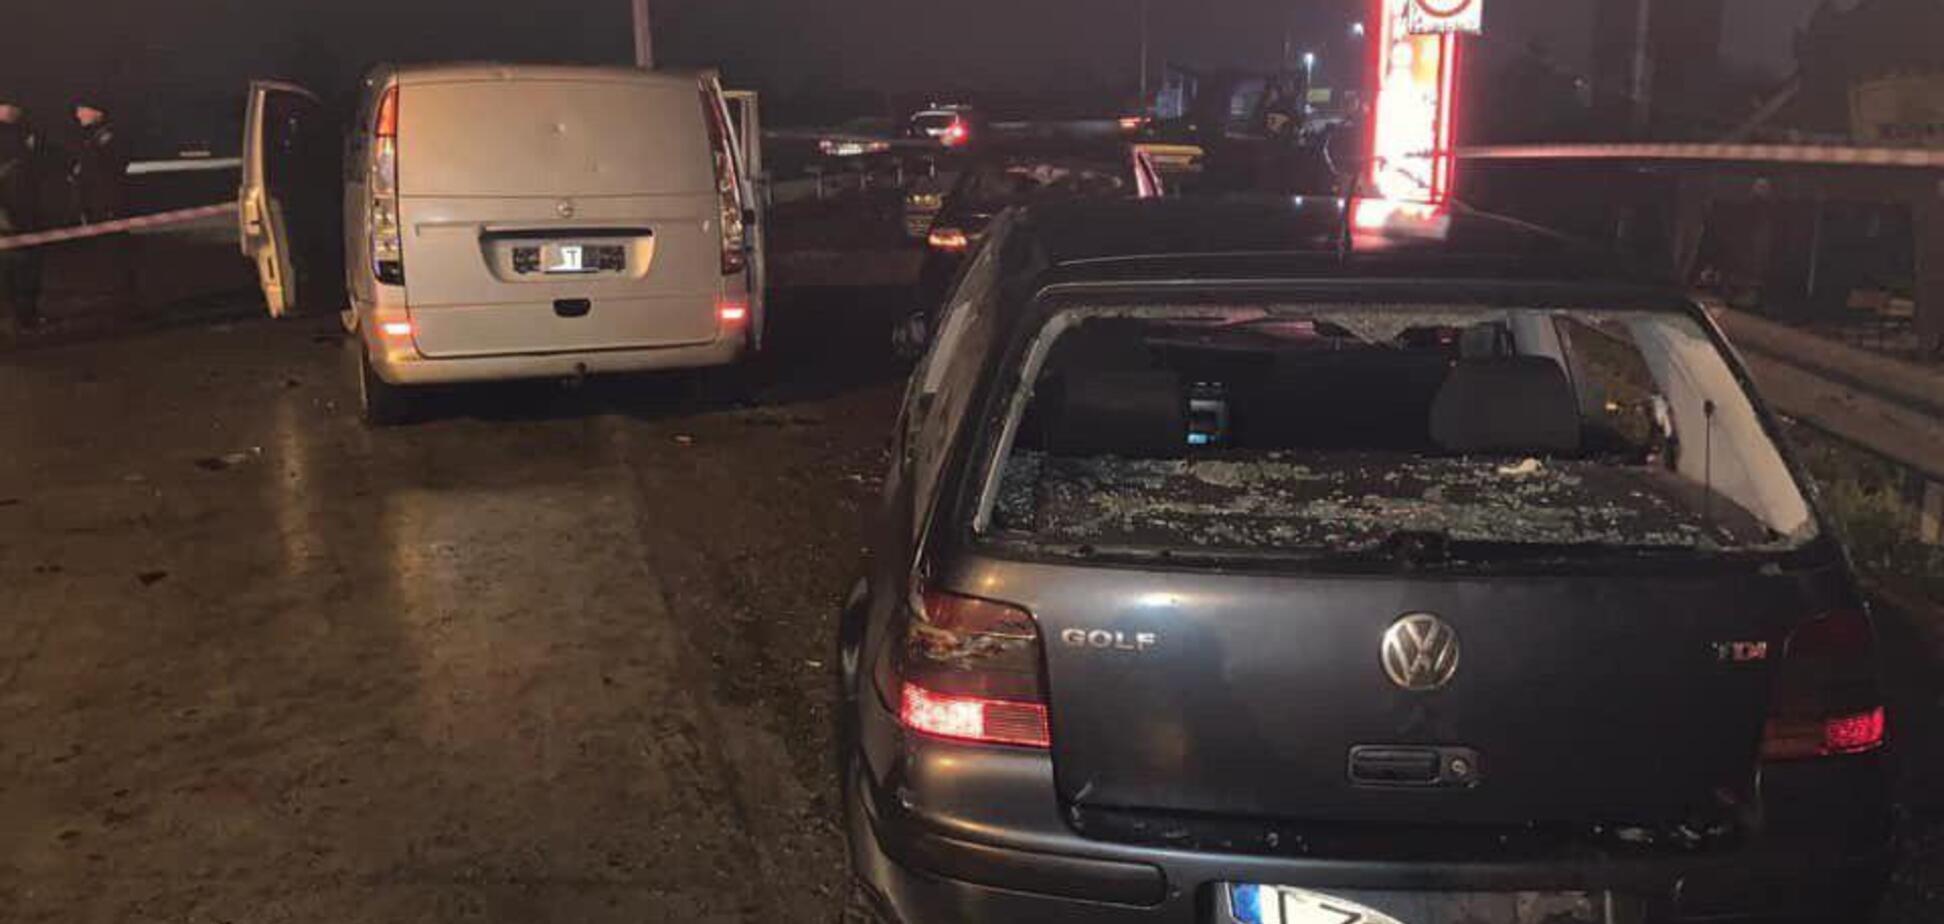 'На глазах у полиции': на Киевской трассе неизвестные устроили кровавую перестрелку: фото